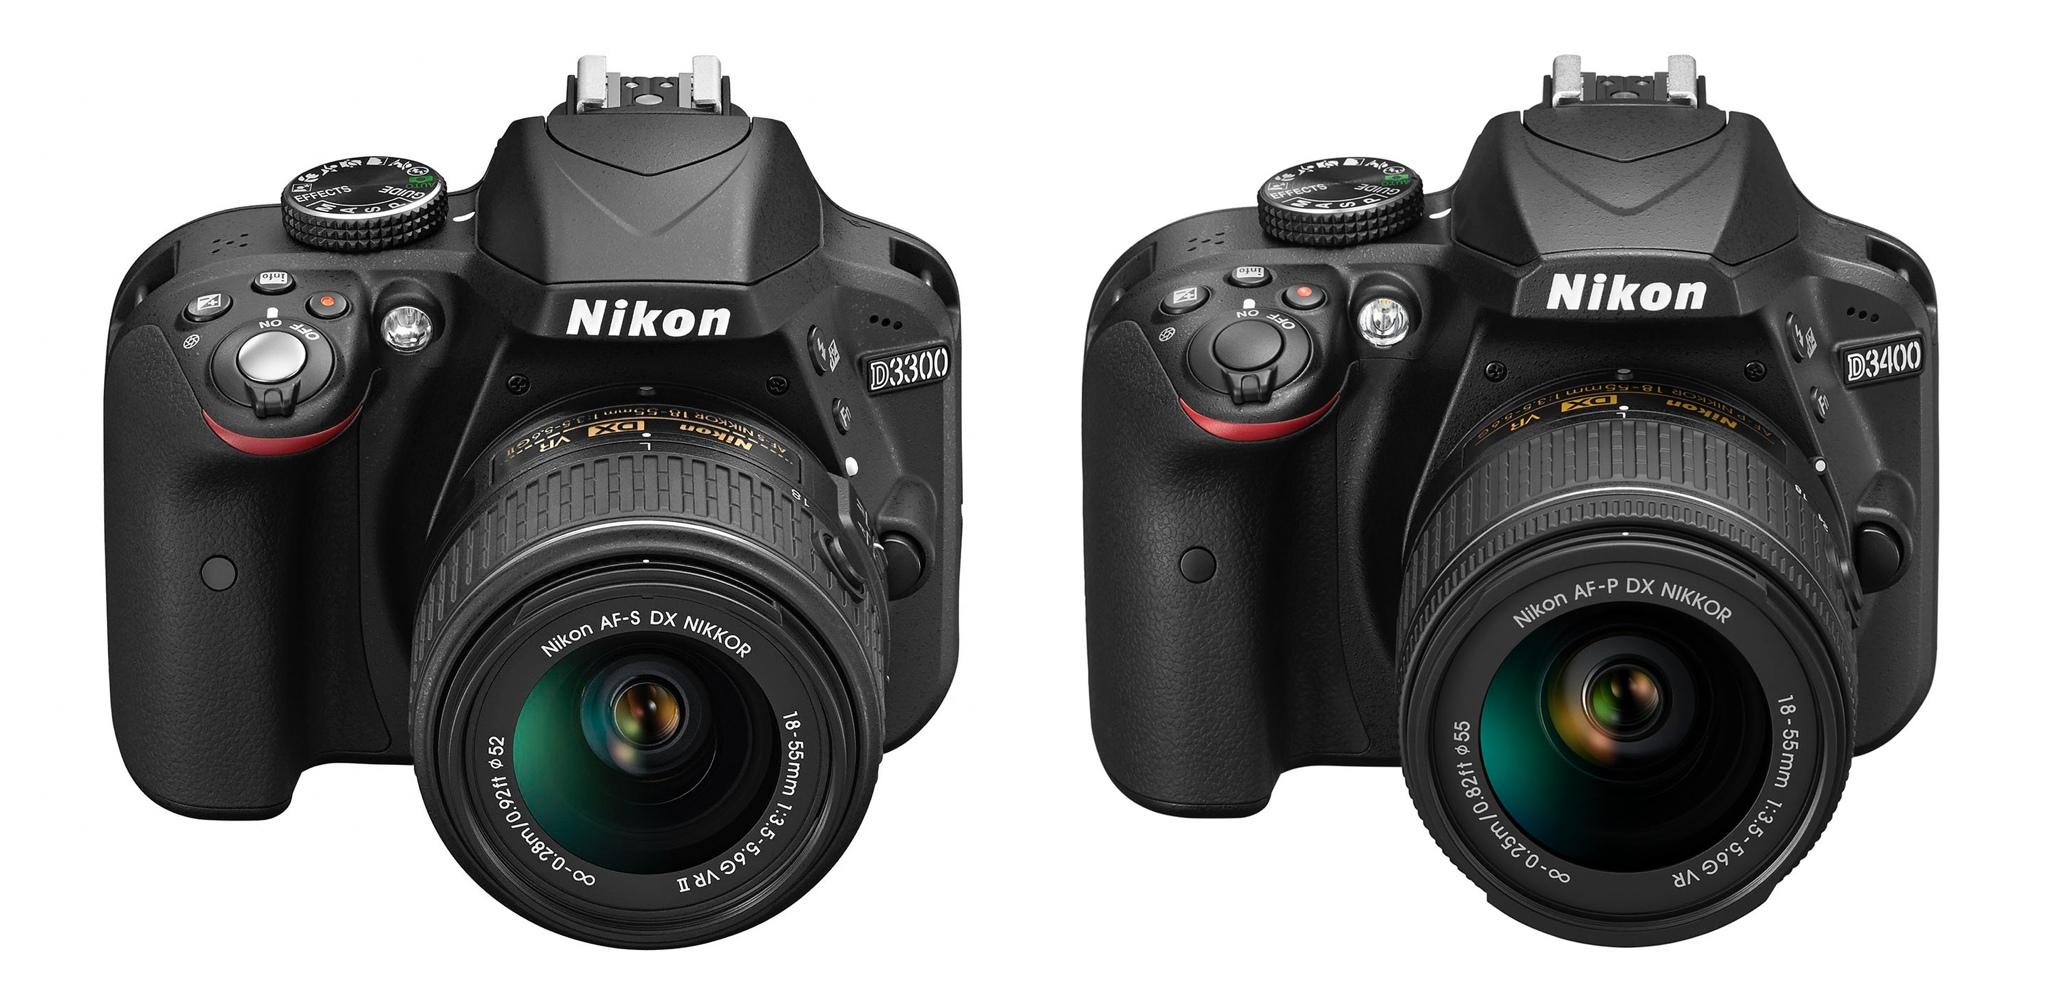 Nikon D3400 vs D3300